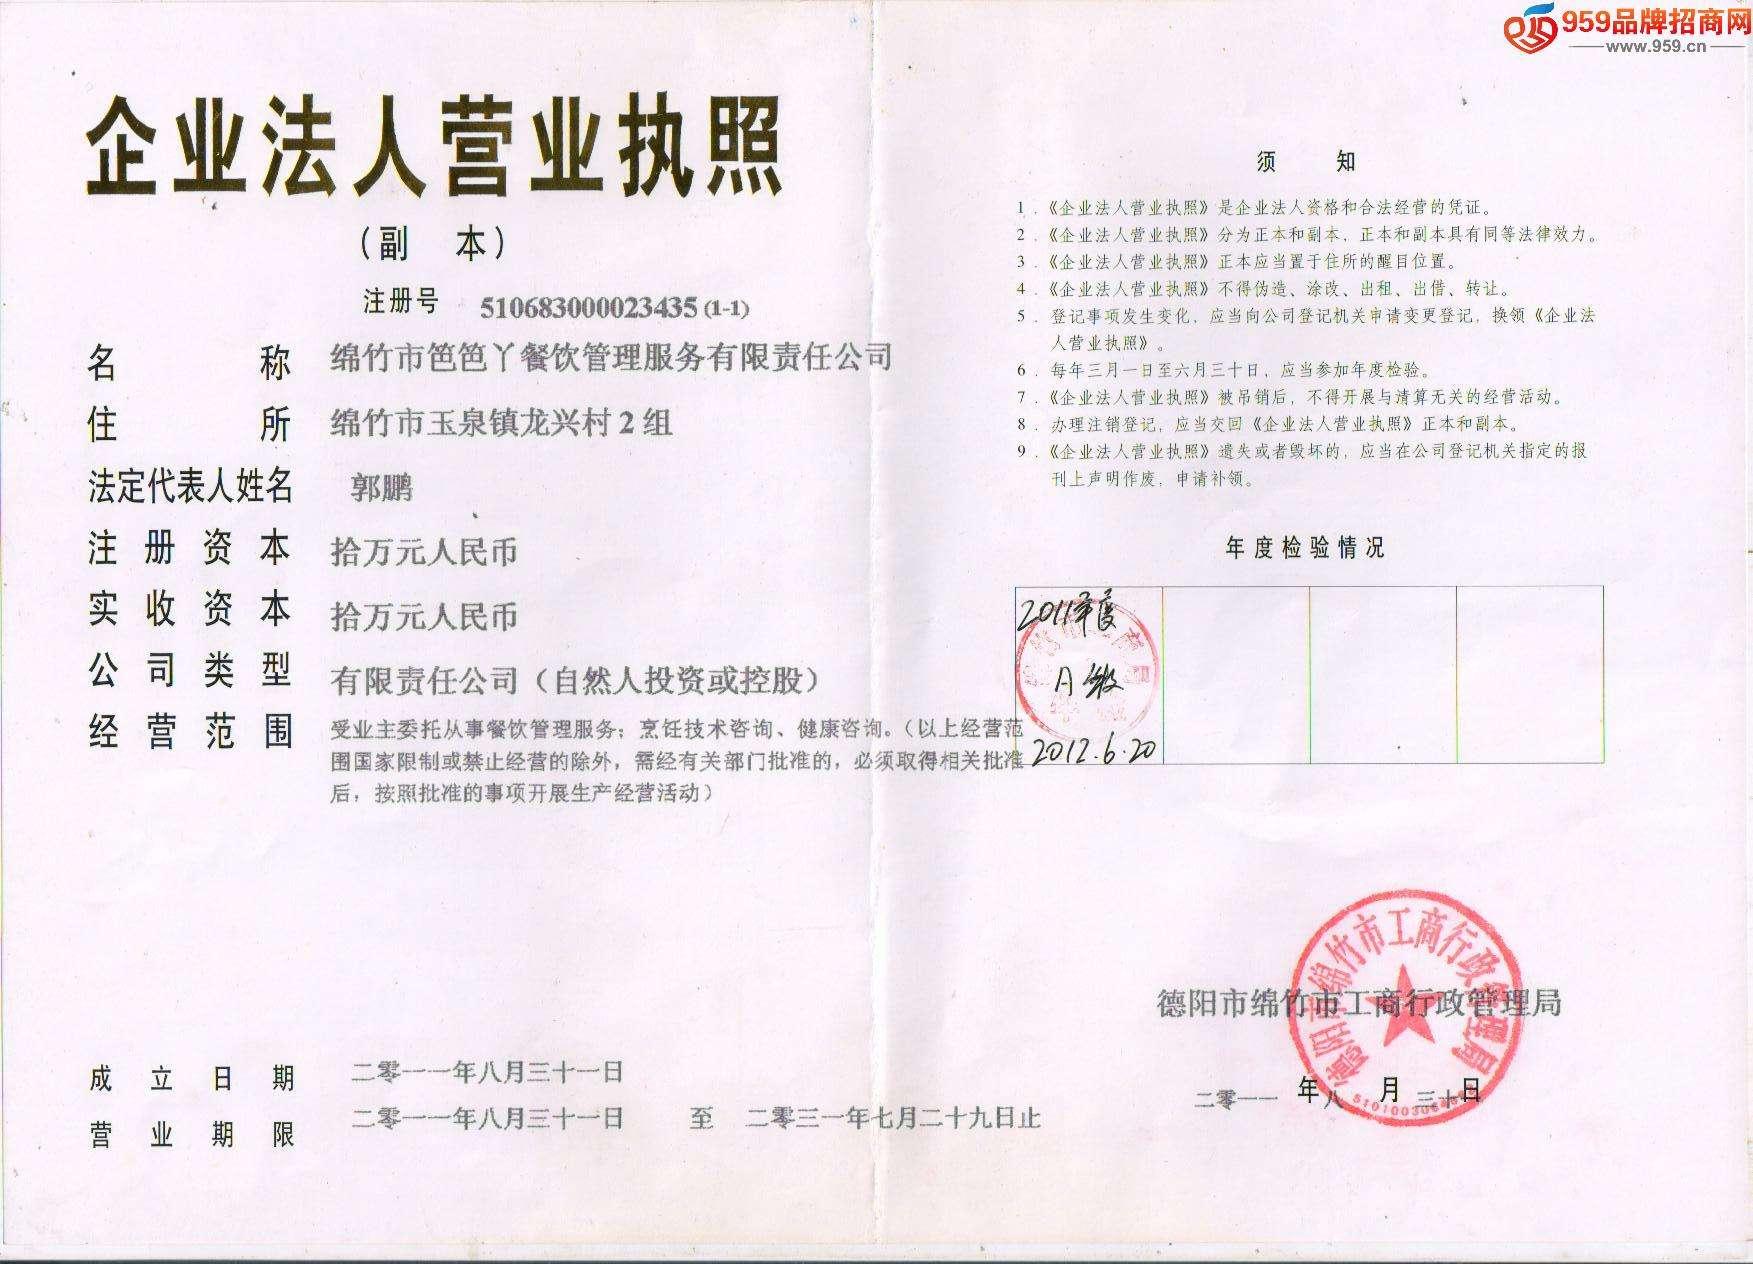 绵竹市笆笆丫餐饮管理服务有限责任公司